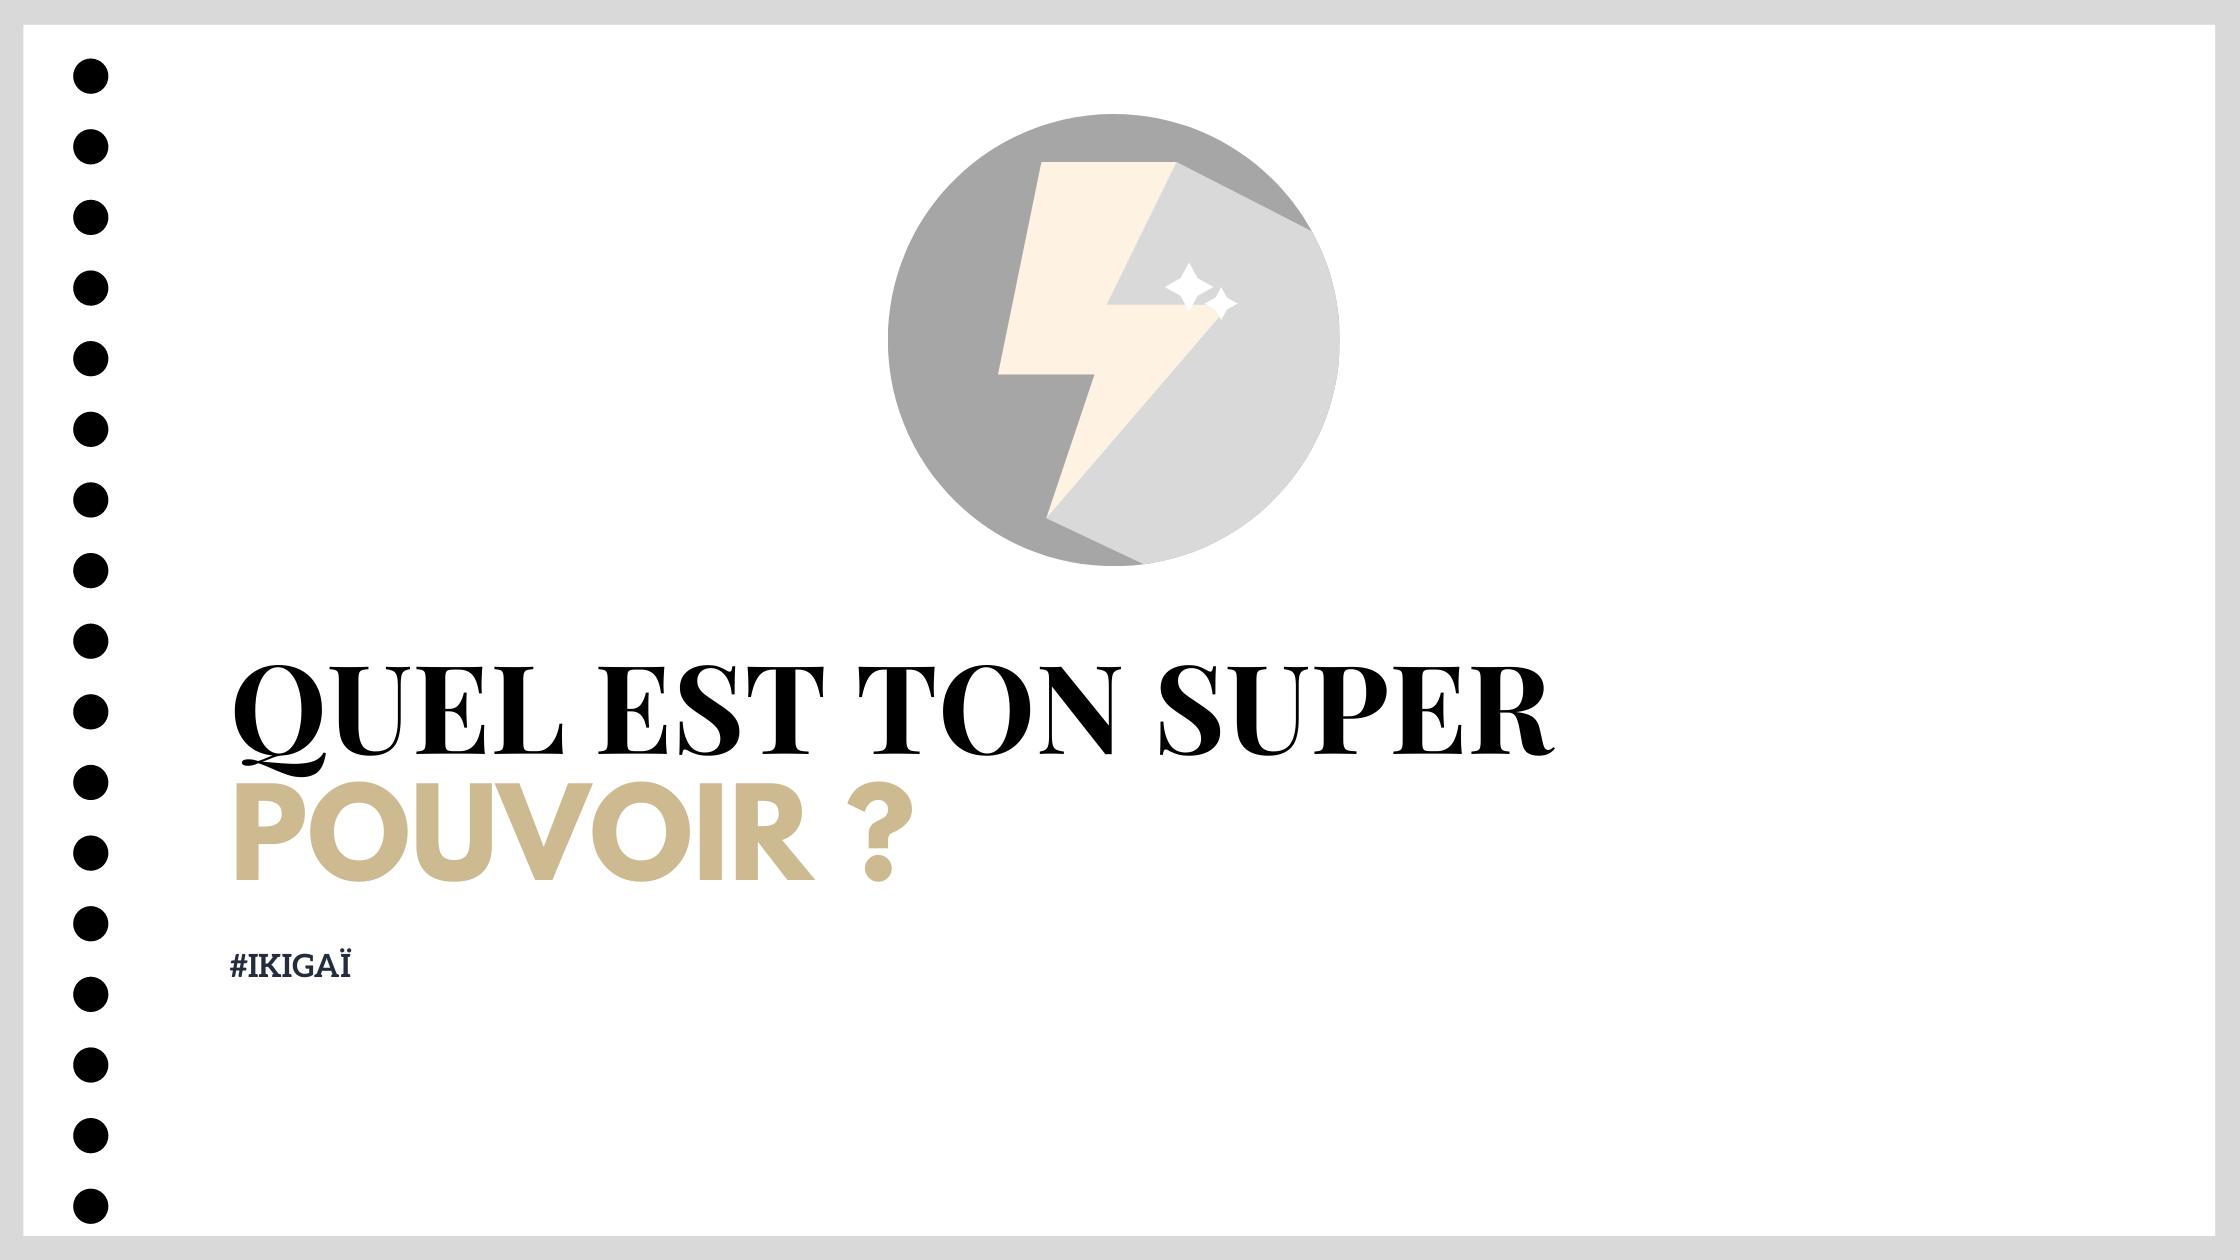 Quel est ton super pouvoir ?